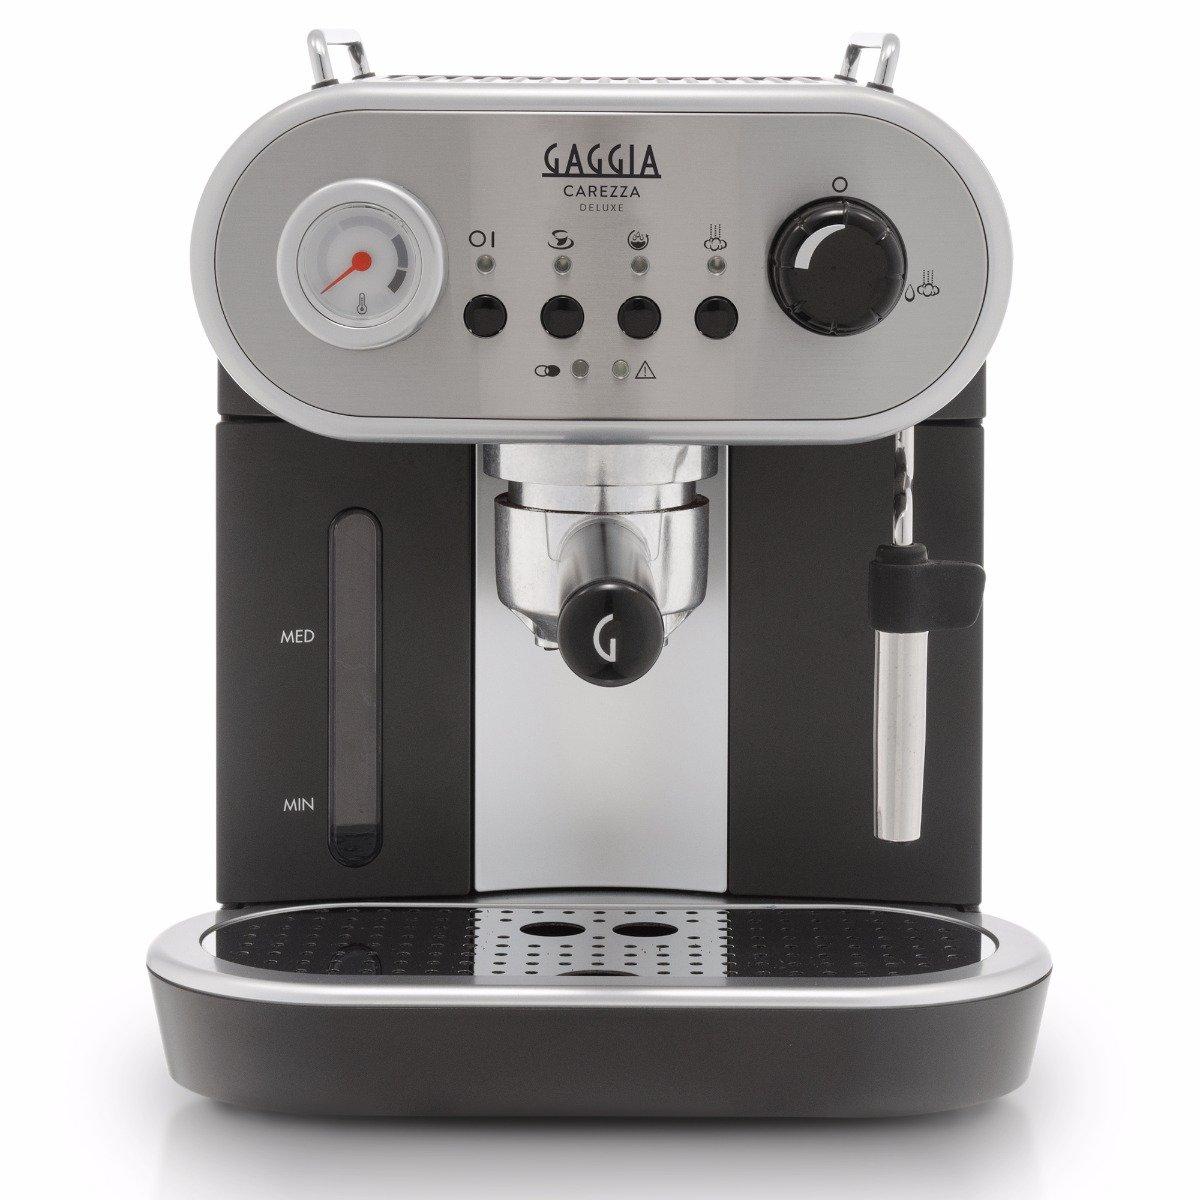 Gaggia Carezza Deluxe Semi-Automatic Espresso Machine - Silver Model No.RI8525/47